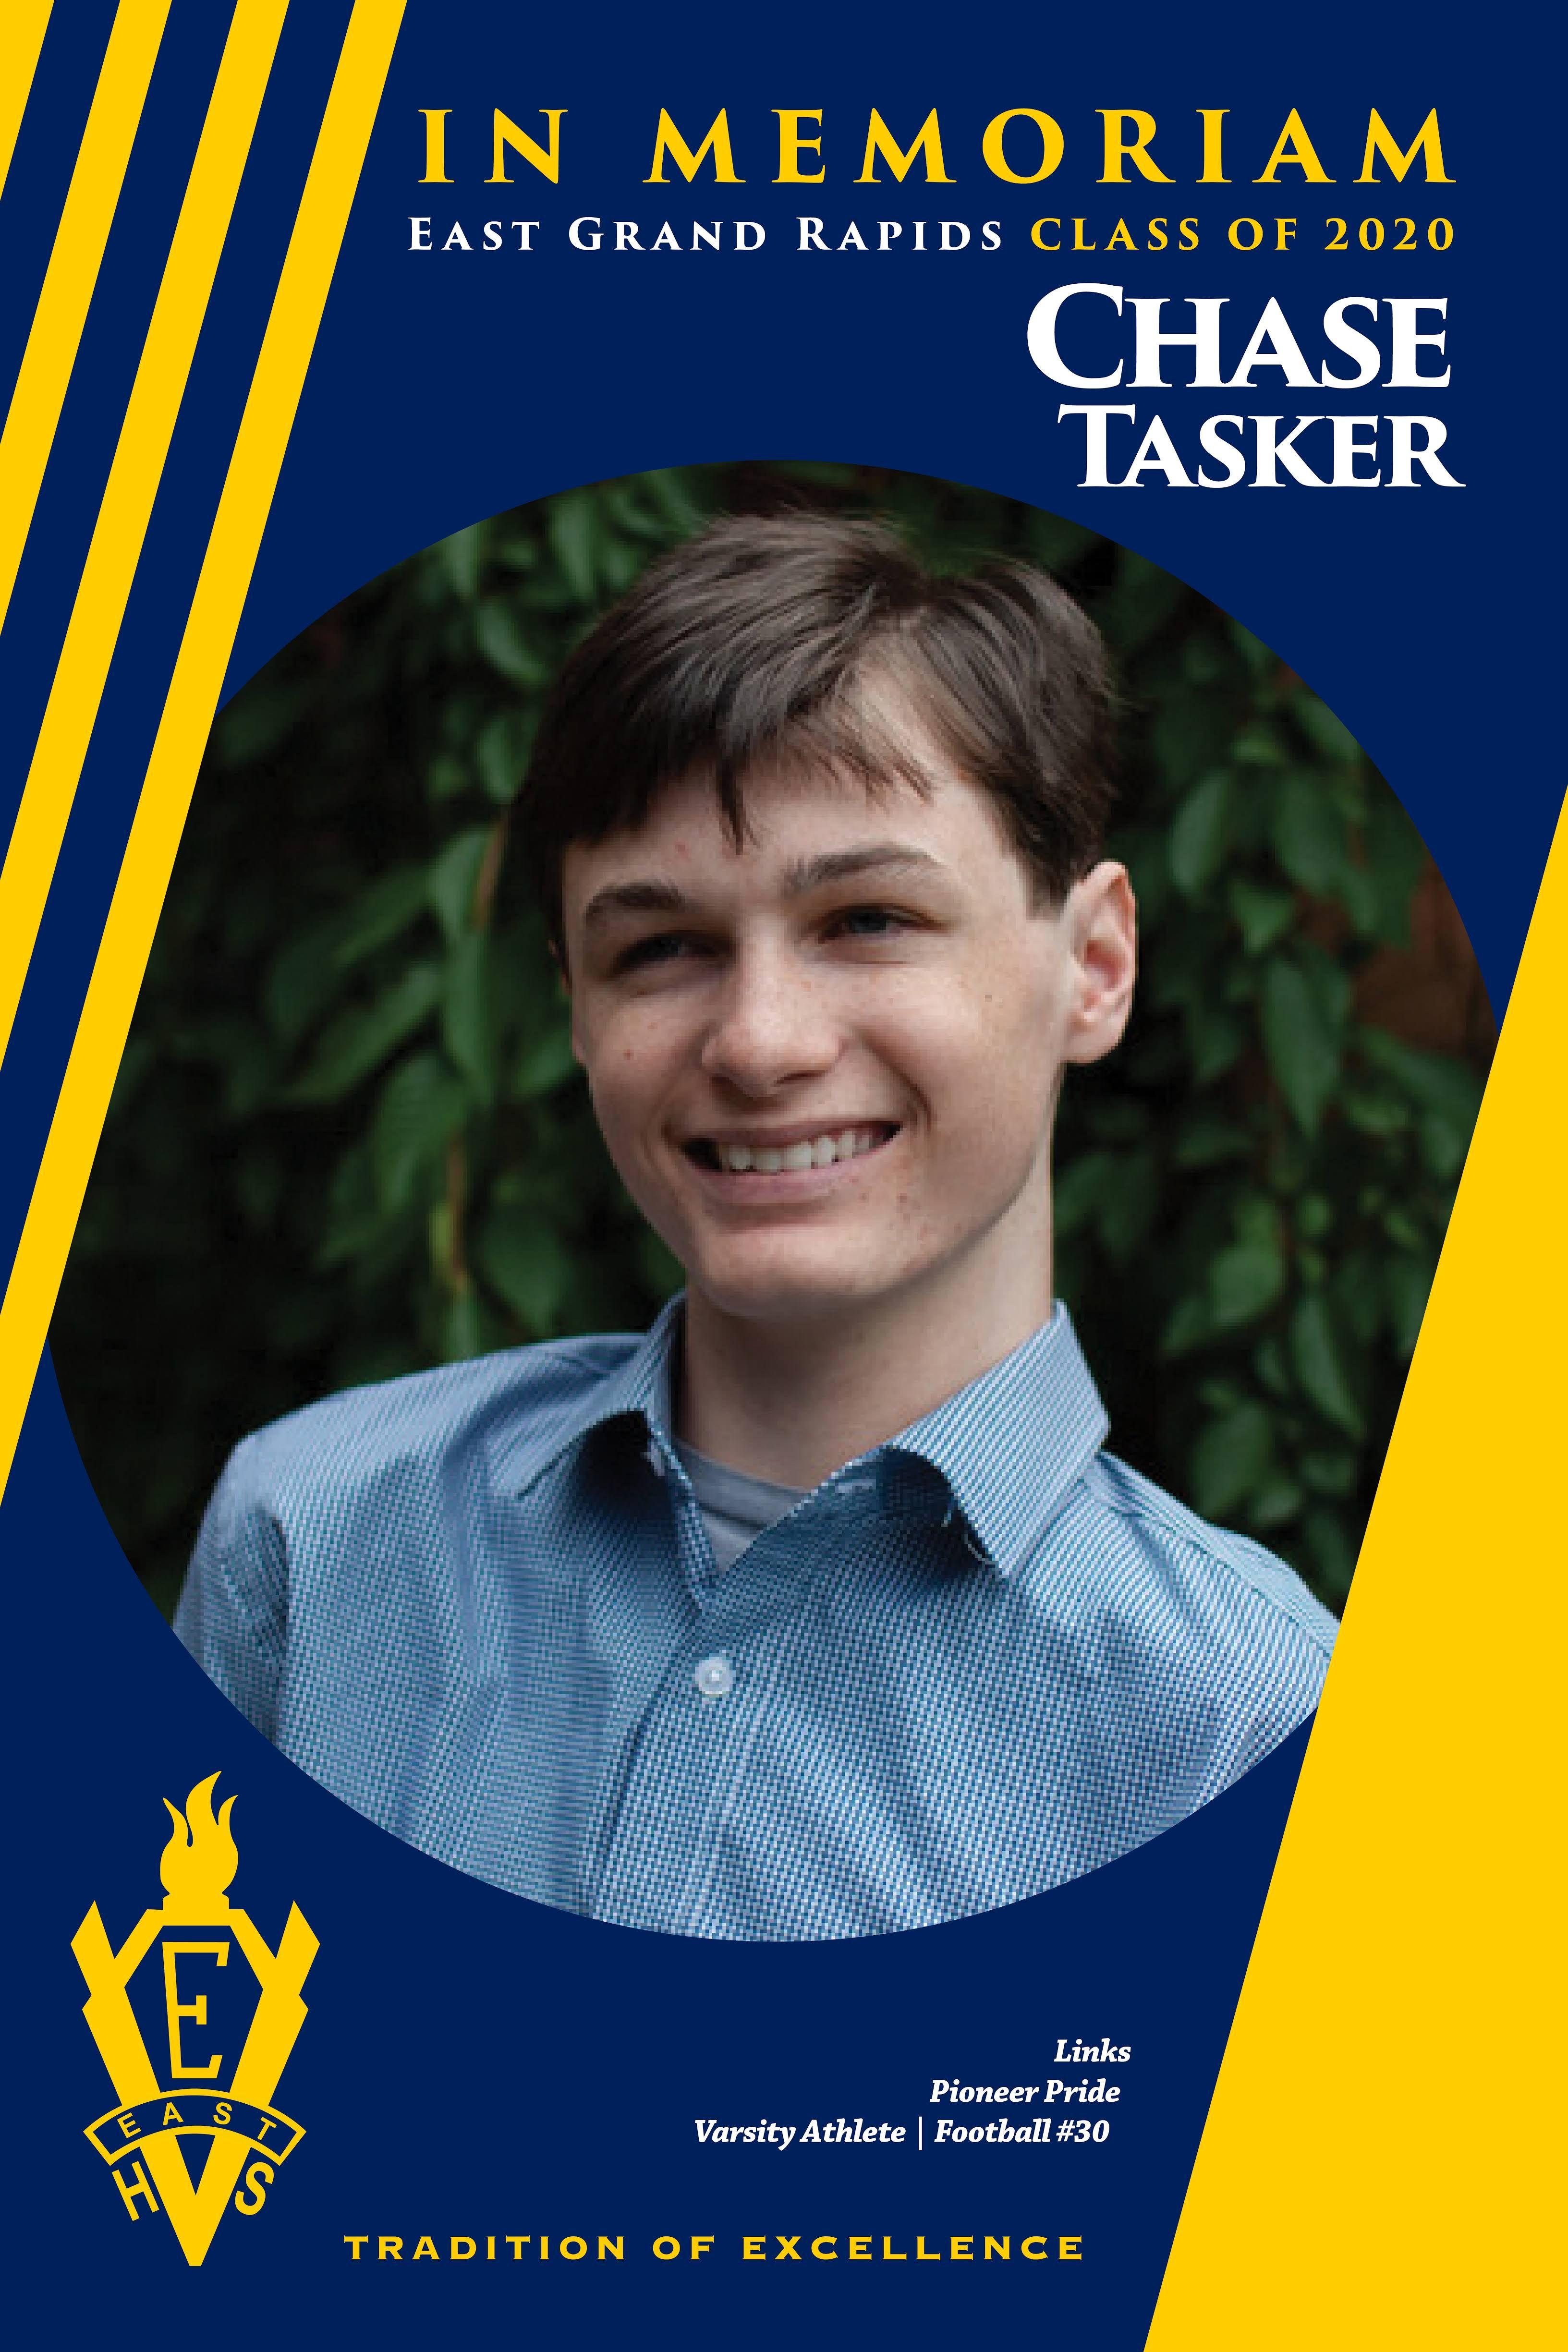 Chase Tasker